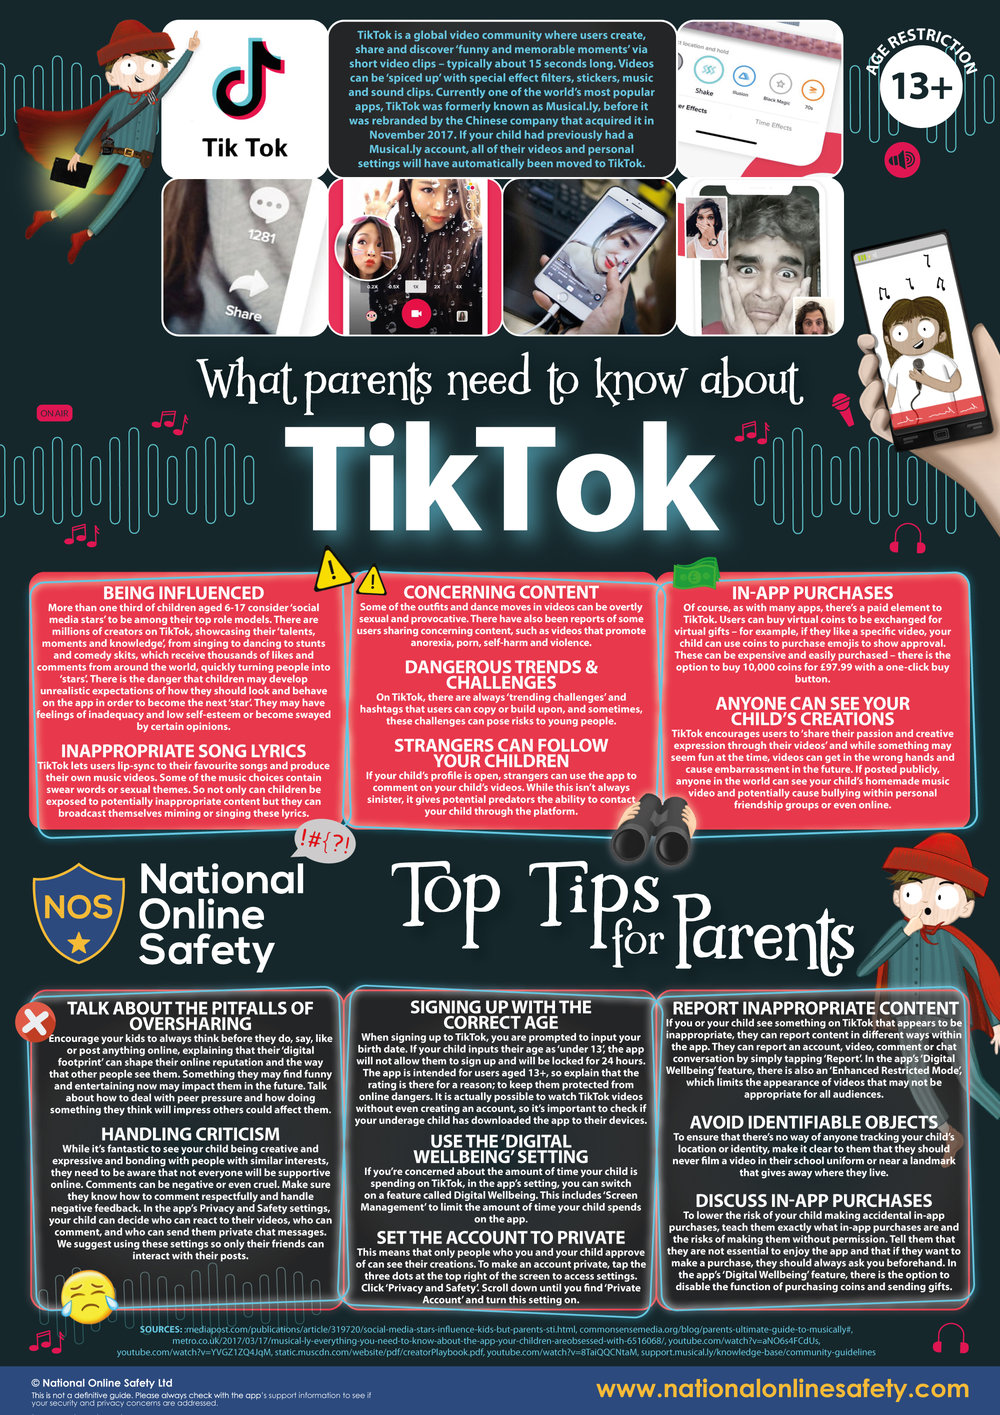 Tik-Tok-Parents-Guide-October-2018-v2.jpg